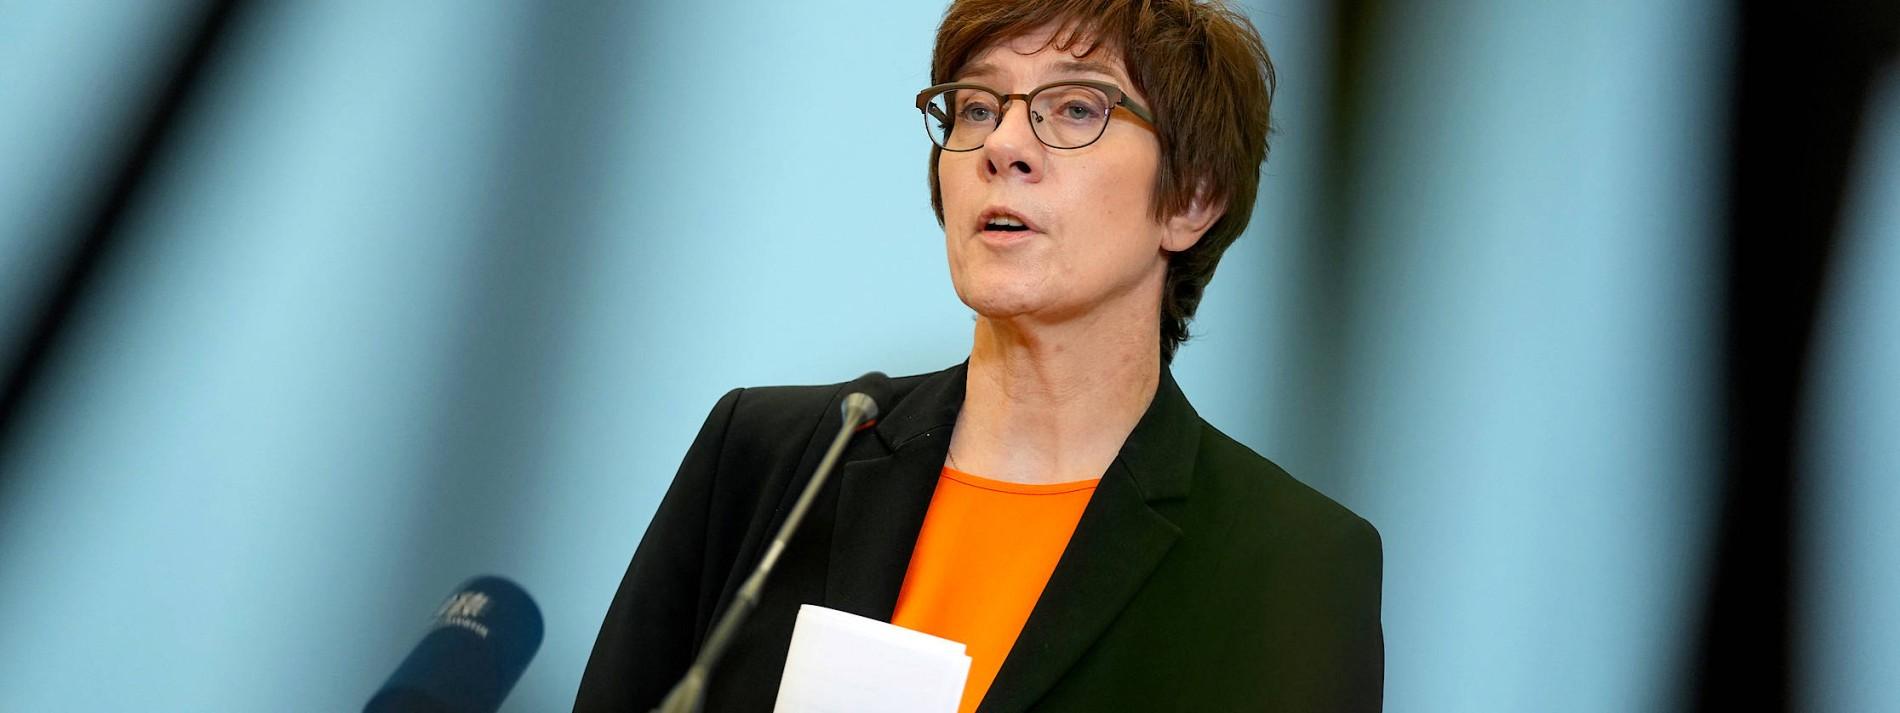 Kramp-Karrenbauer will Verteidigungsministerin bleiben